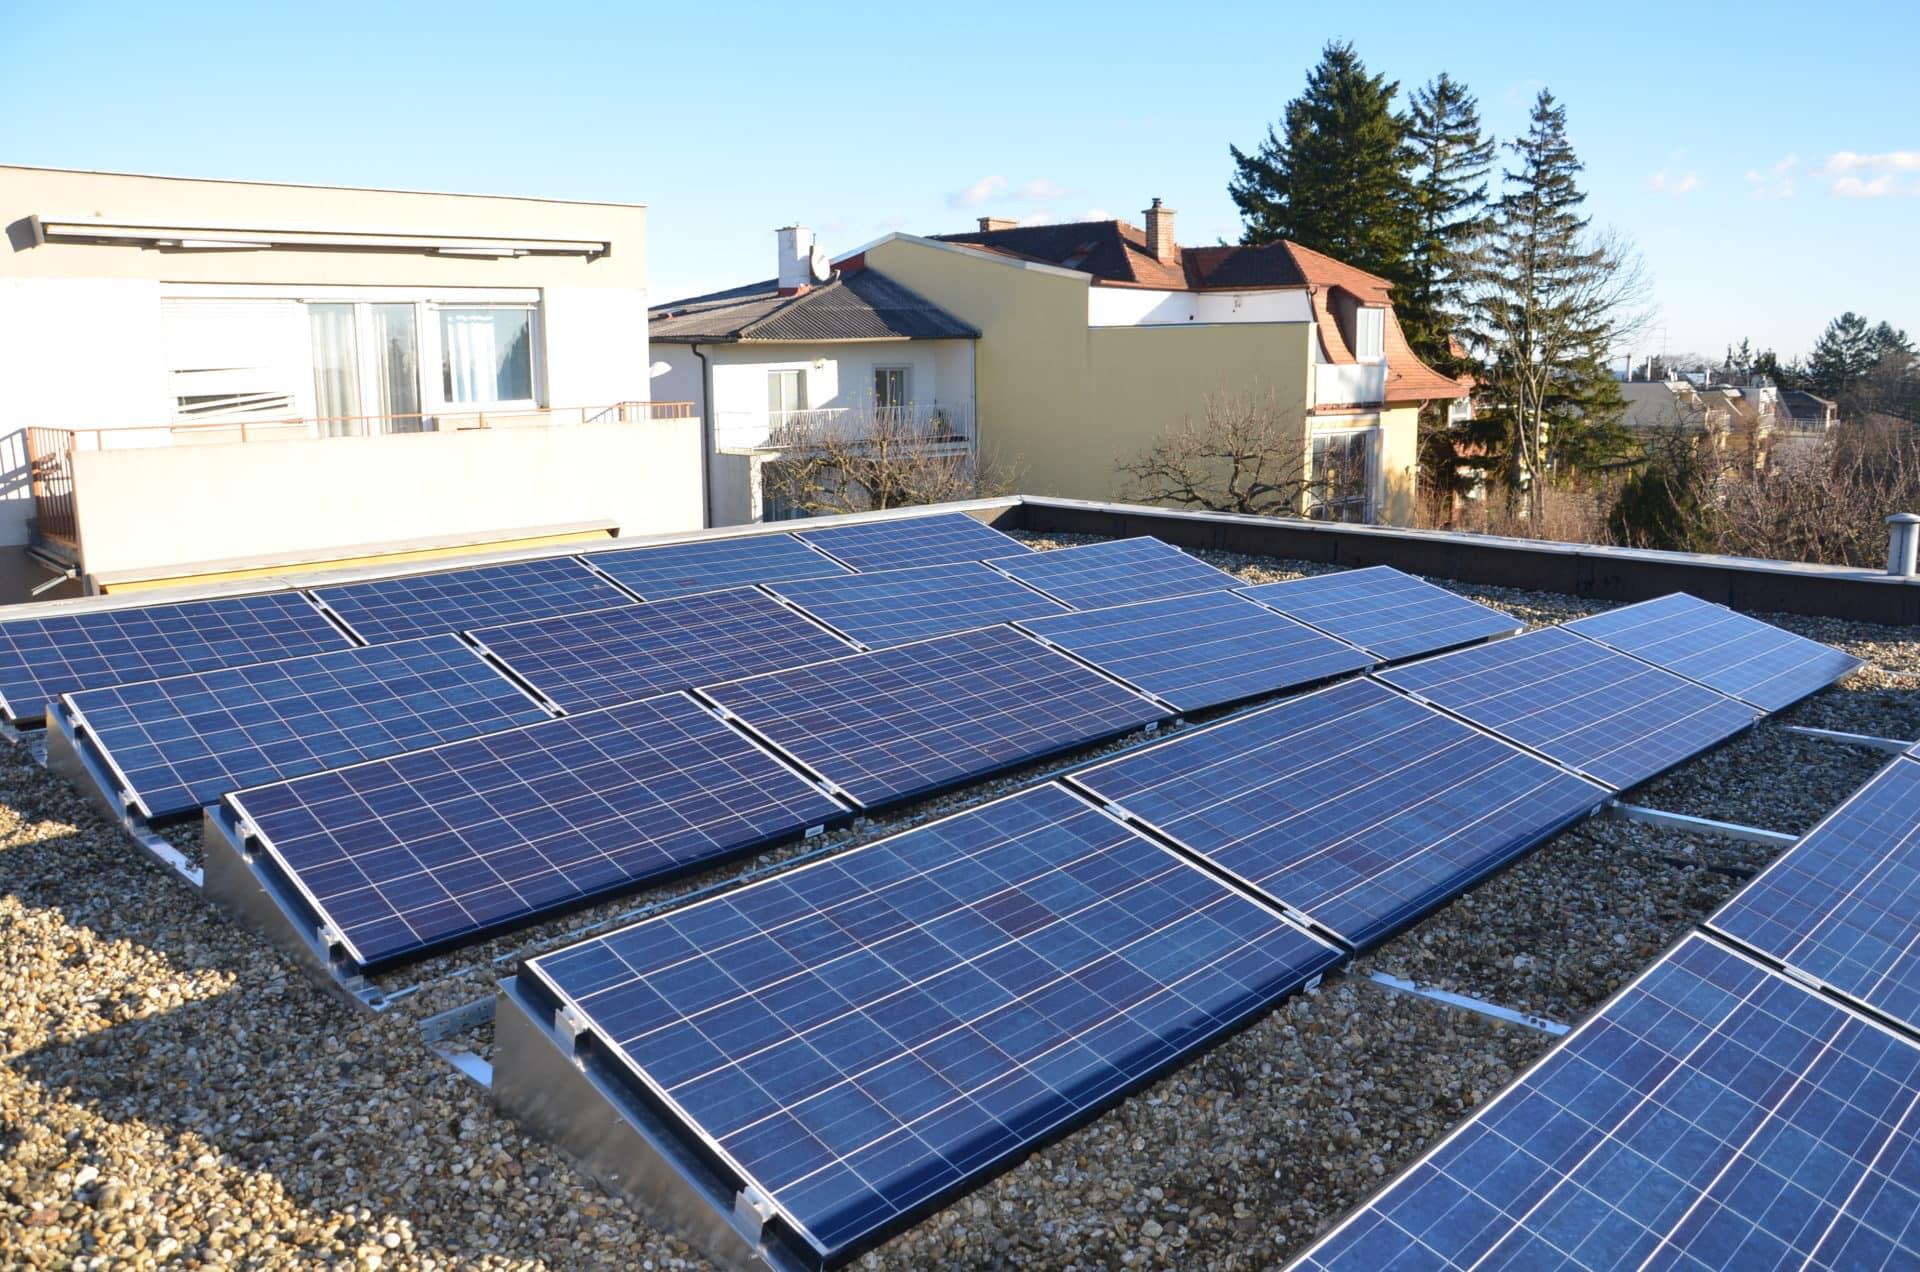 referenz einfamilienhaus solaranlage wien 1230 1